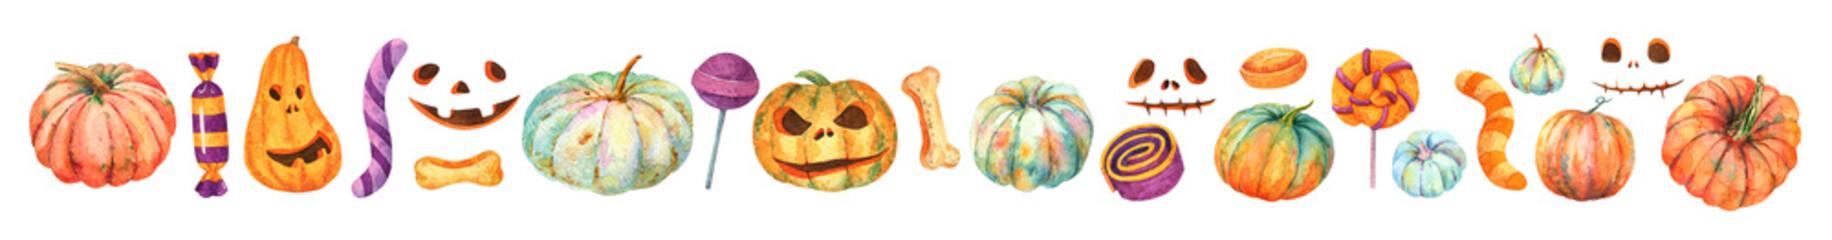 Watercolor Halloween. Jack-O-Lantern set.  Sweet striped candy, lollipop, purple sweets, gummy worm. Orange turquoise pumpkin.